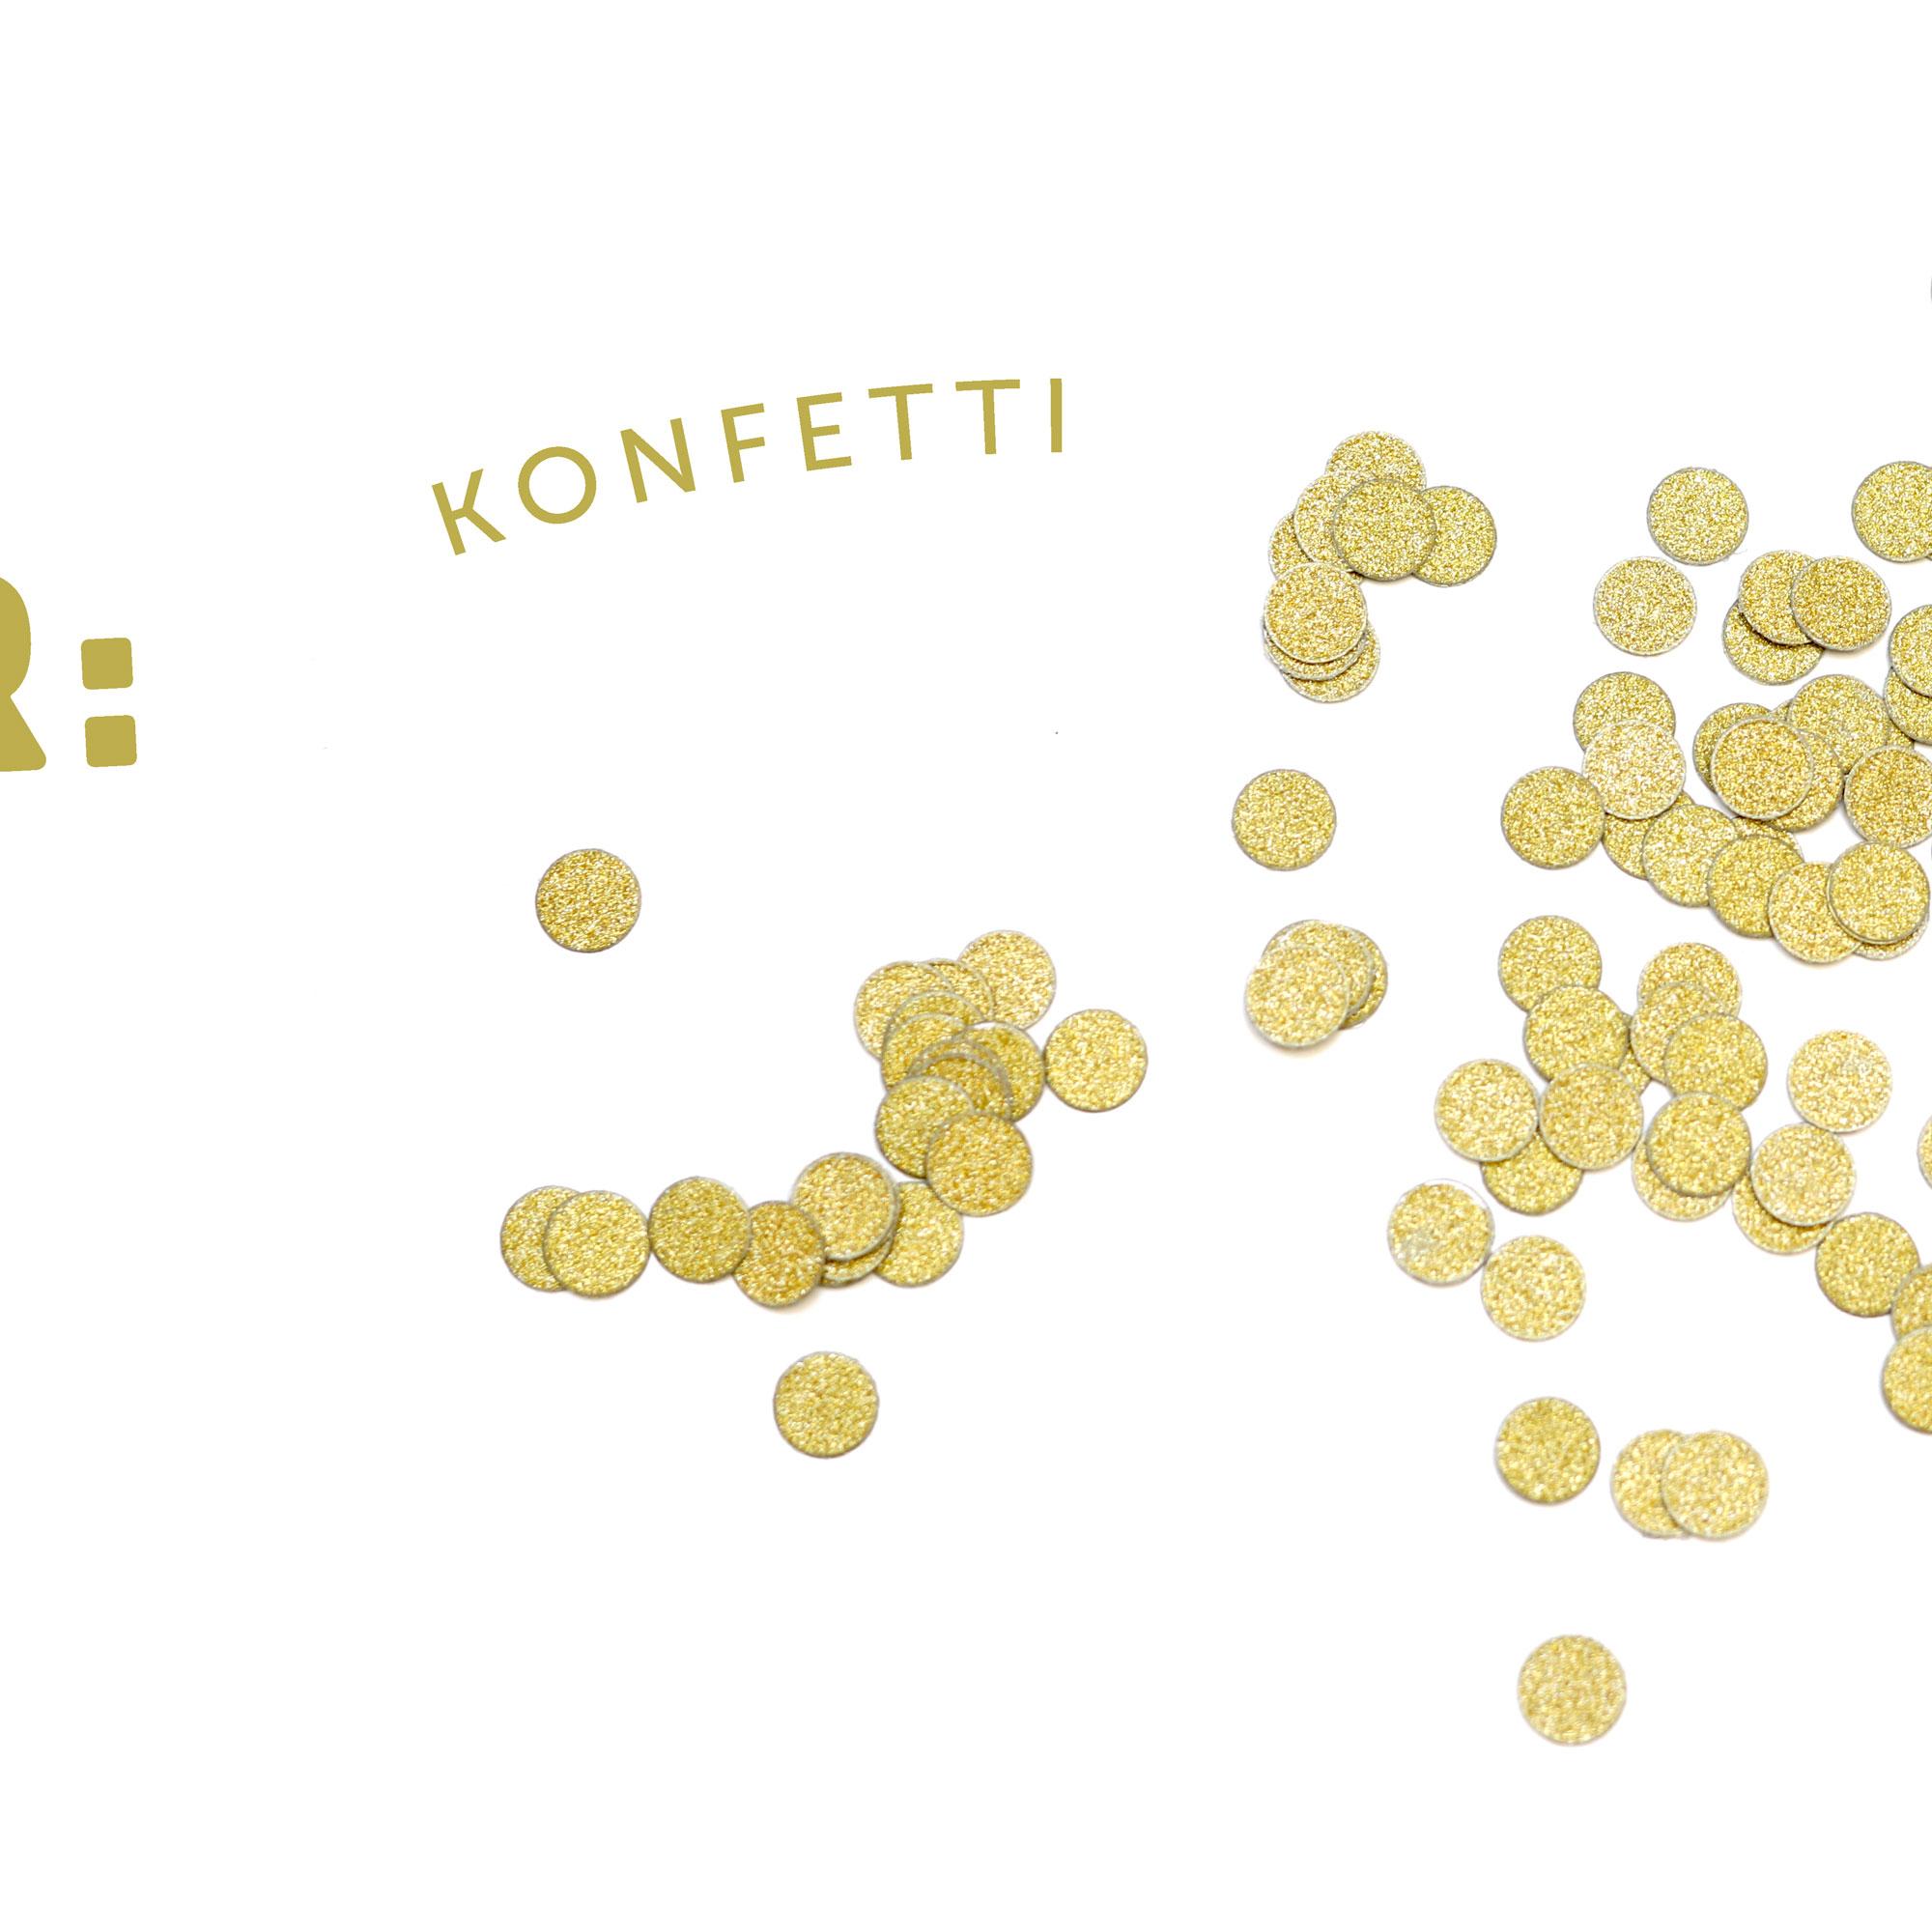 konfetti3.jpg